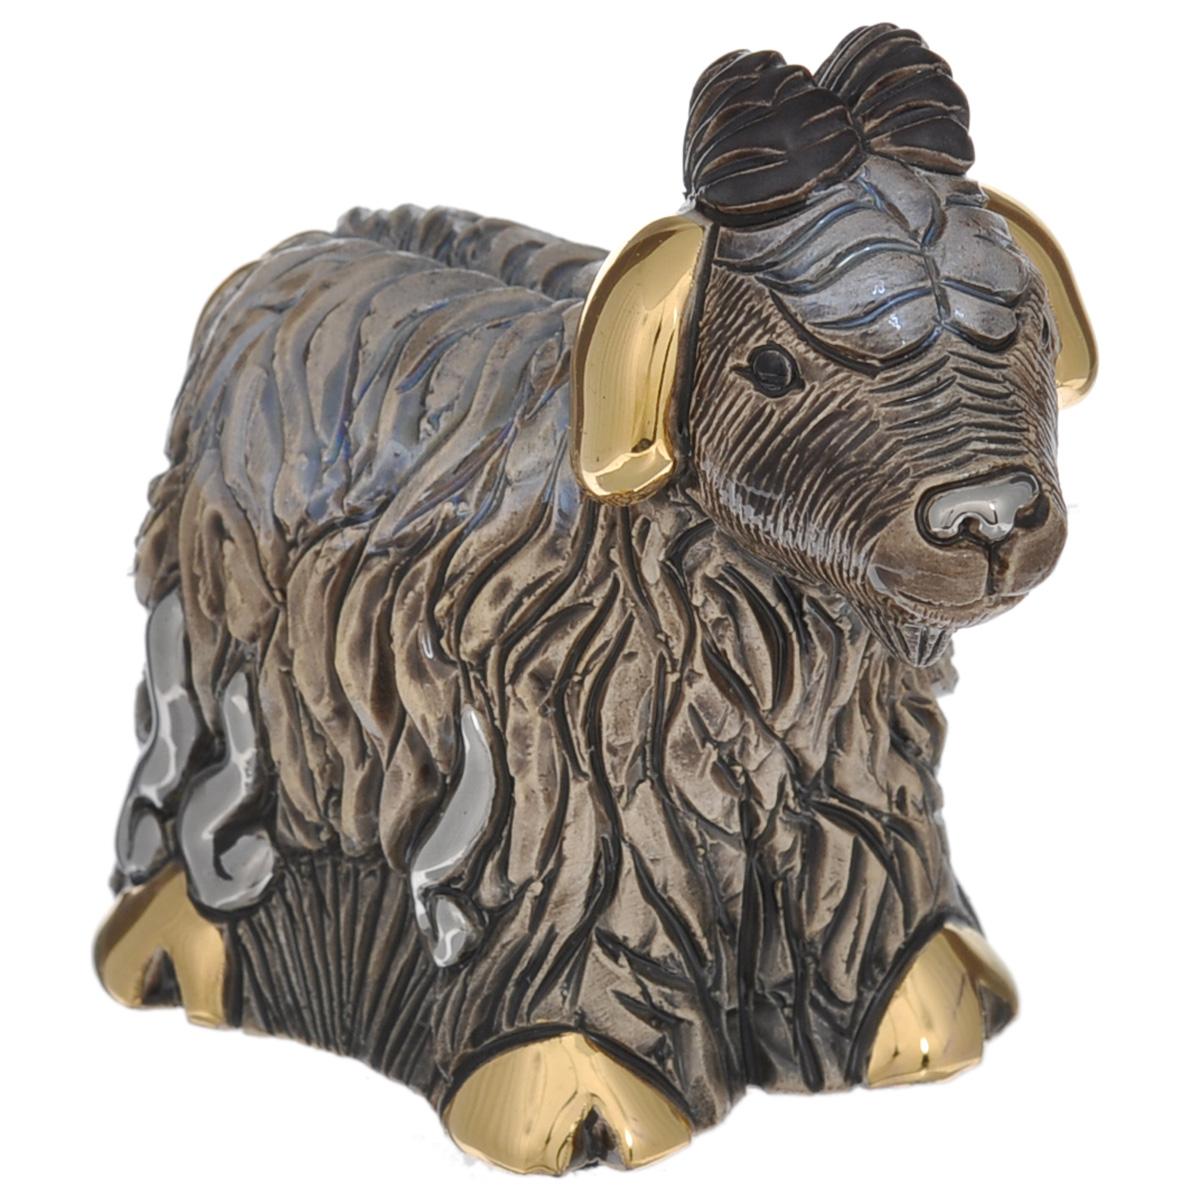 Статуэтка De Rosa Козлик, цвет: коричневый, высота 8 смDERF373BALДекоративная статуэтка De Rosa Козлик изготовлена вручную из цельного куска керамики, вырезана, покрыта эмалью и украшена 18-каратным золотым покрытием. Вы можете поставить статуэтку в любом месте, где она будет удачно смотреться и радовать глаз. Такая фигурка прекрасно дополнит интерьер офиса или дома.